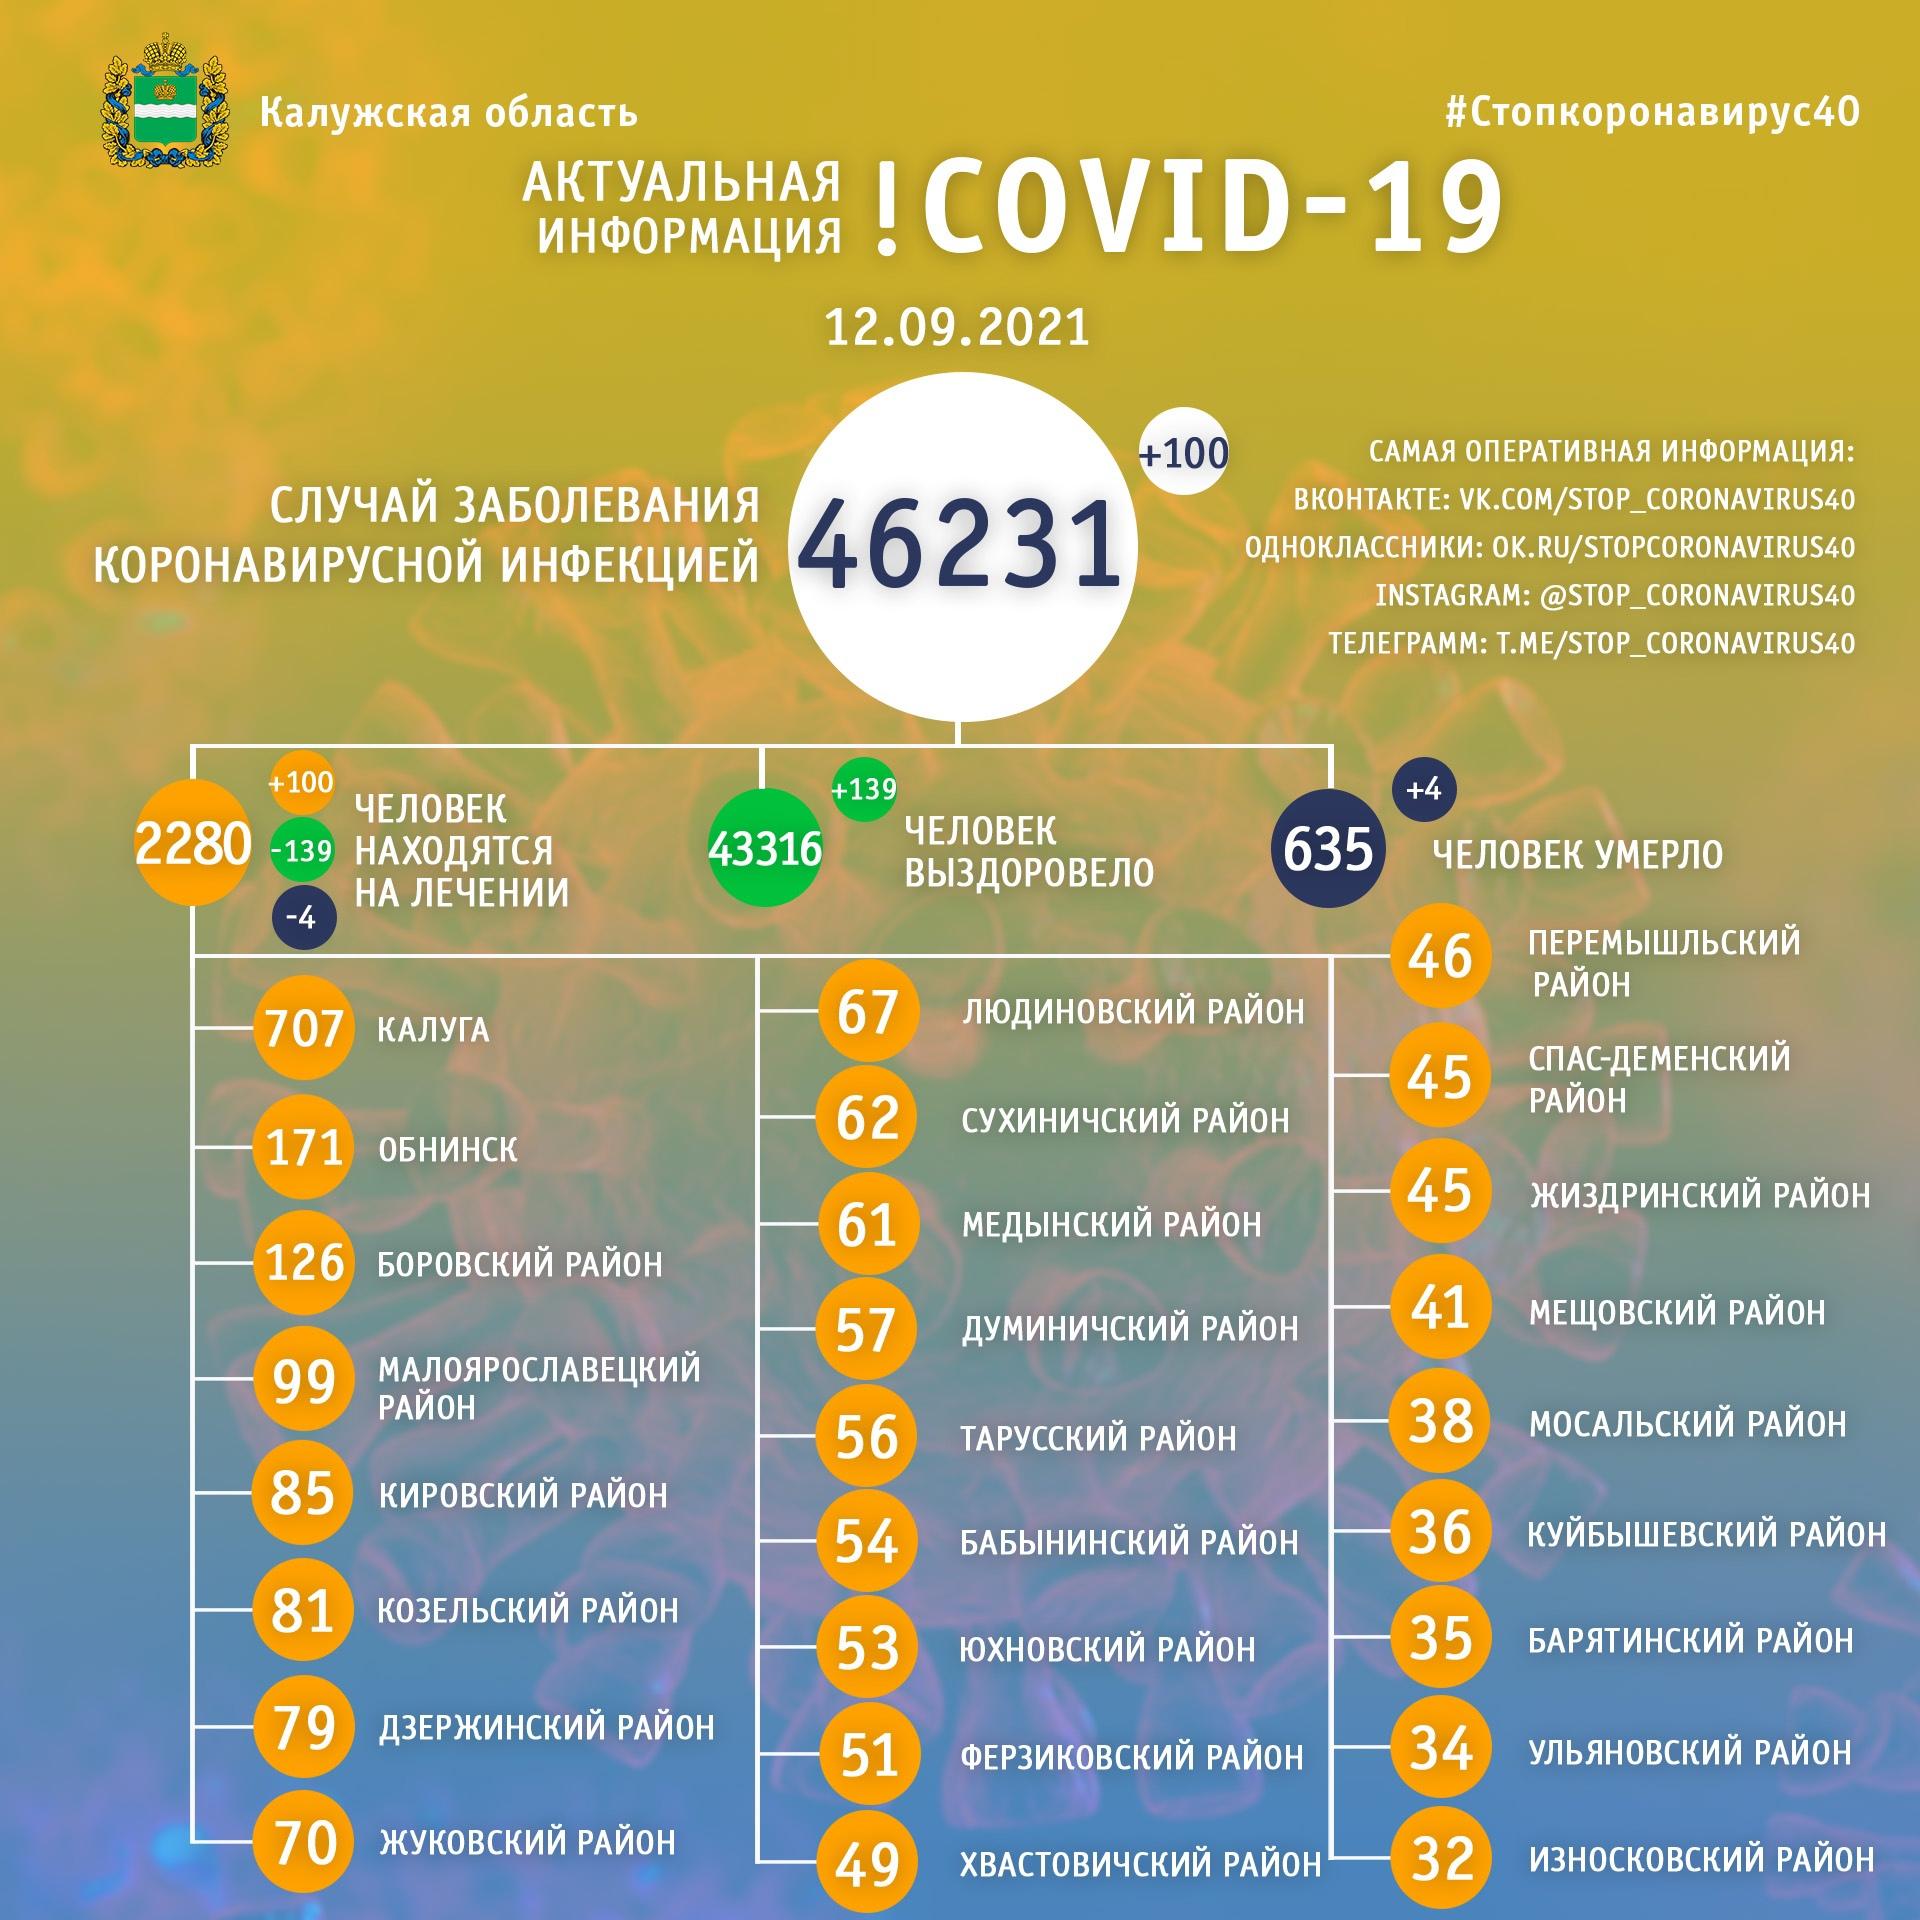 Официальная статистика по коронавирусу в Калужской области на 12 сентября 2021 года.